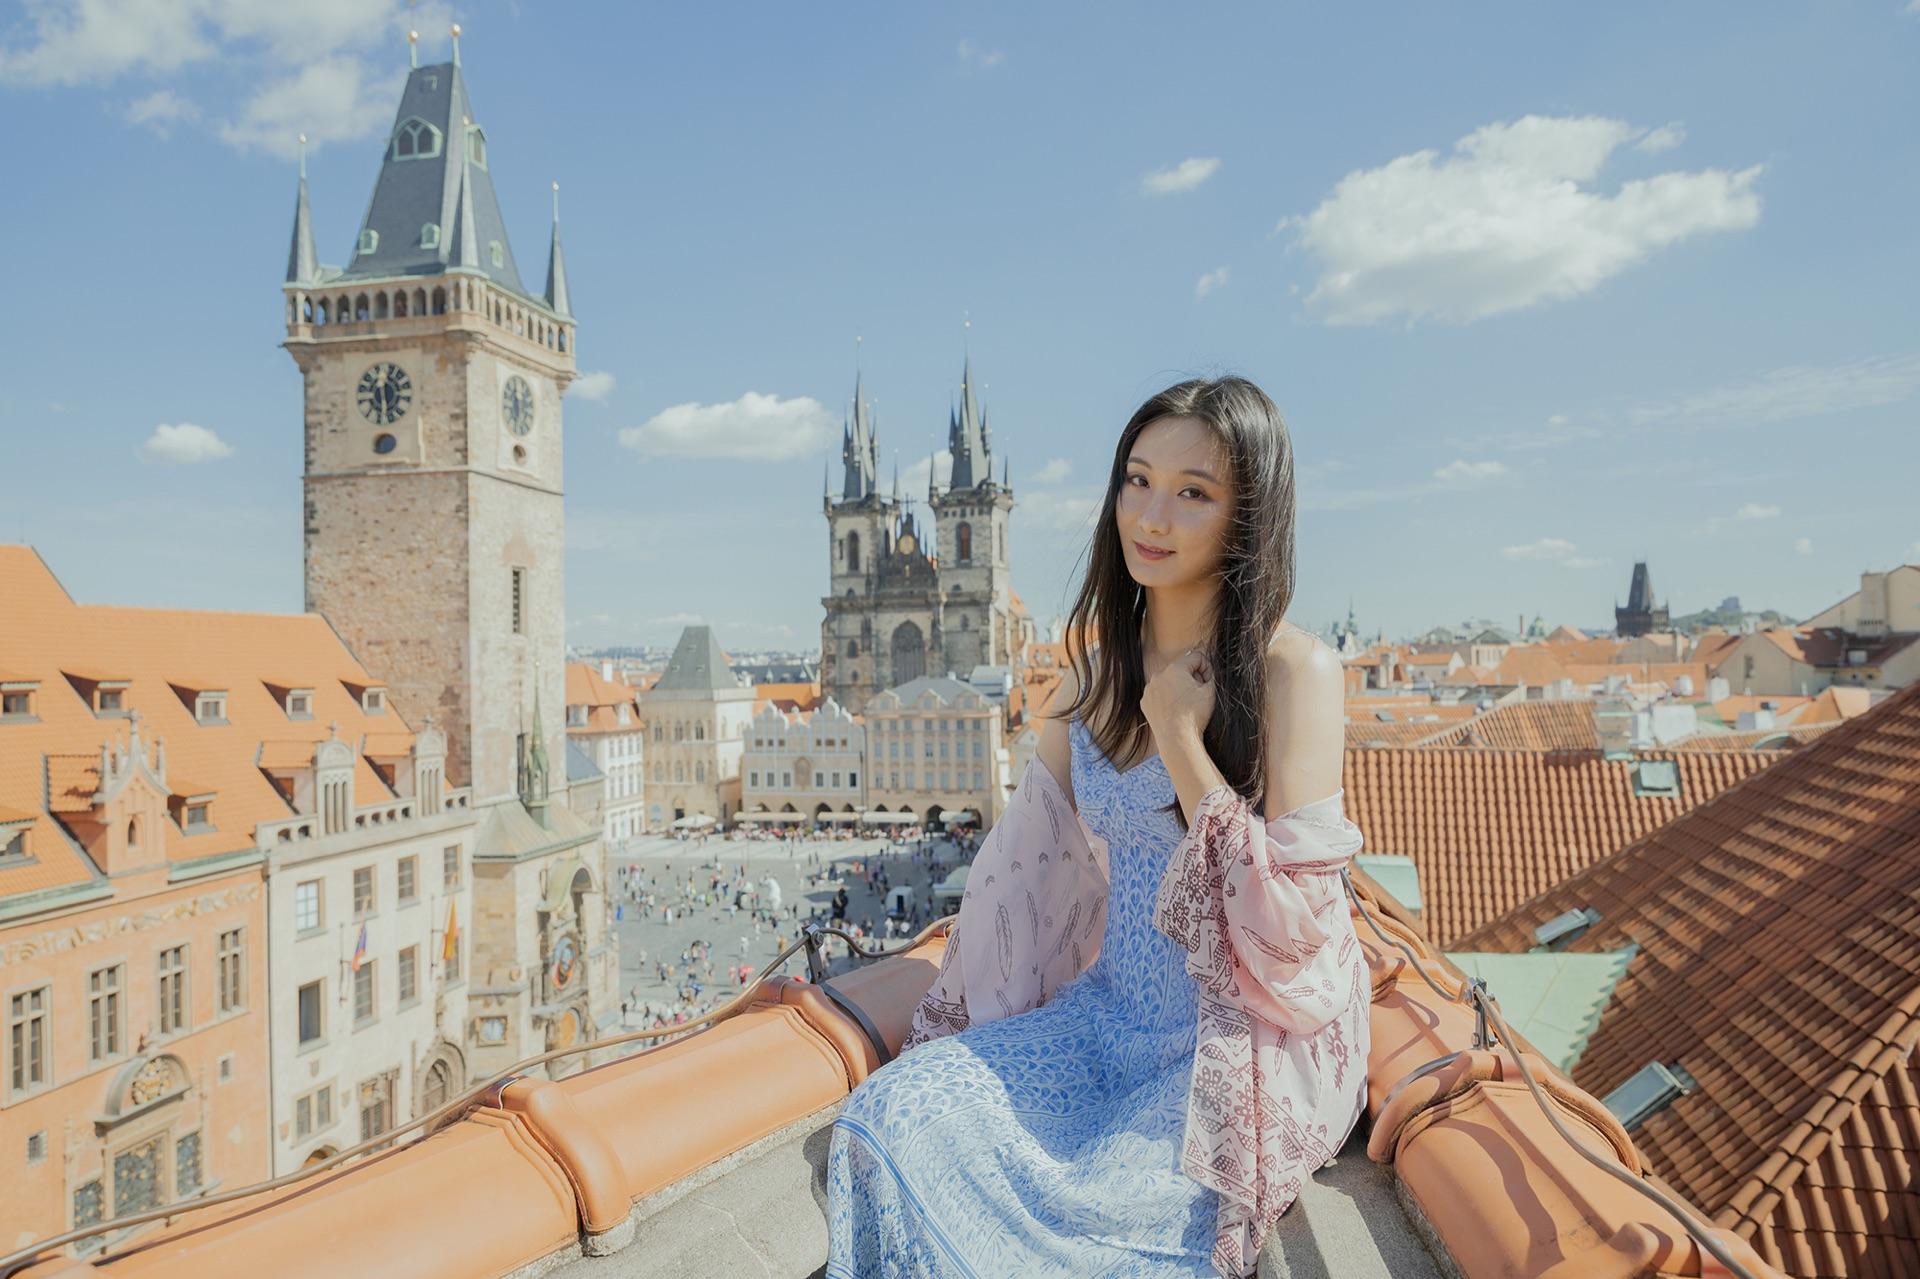 布拉格的童话世界 - 两天三夜不紧不慢走遍网红拍照景点